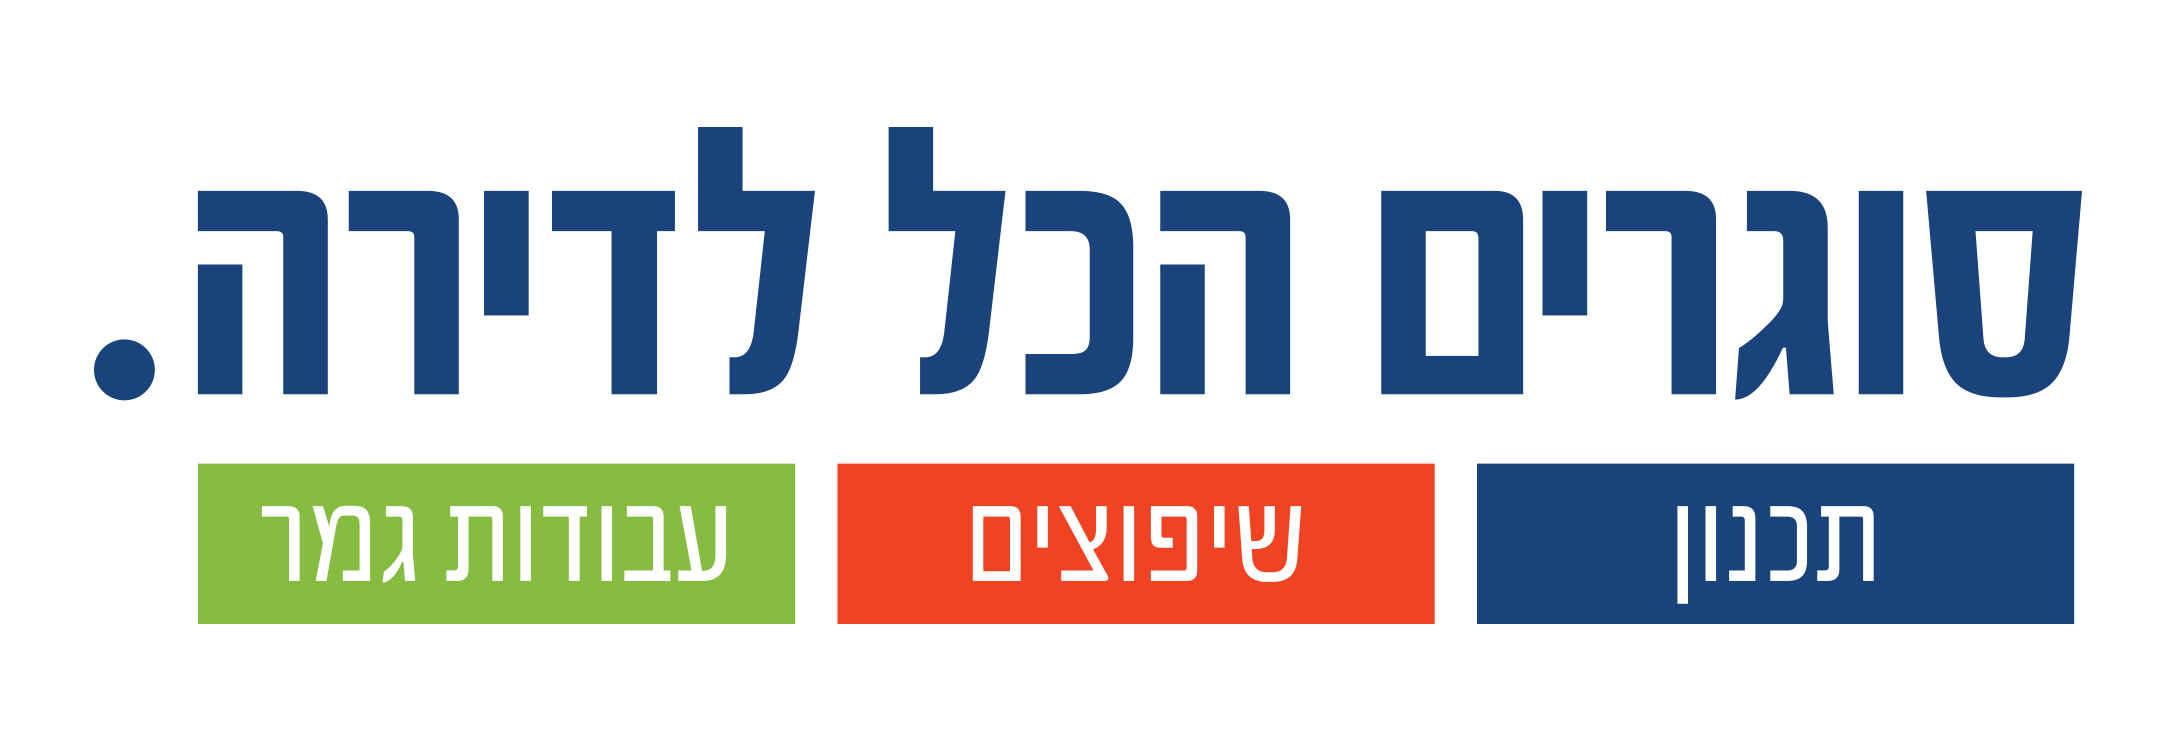 shiputsim-logo.jpg